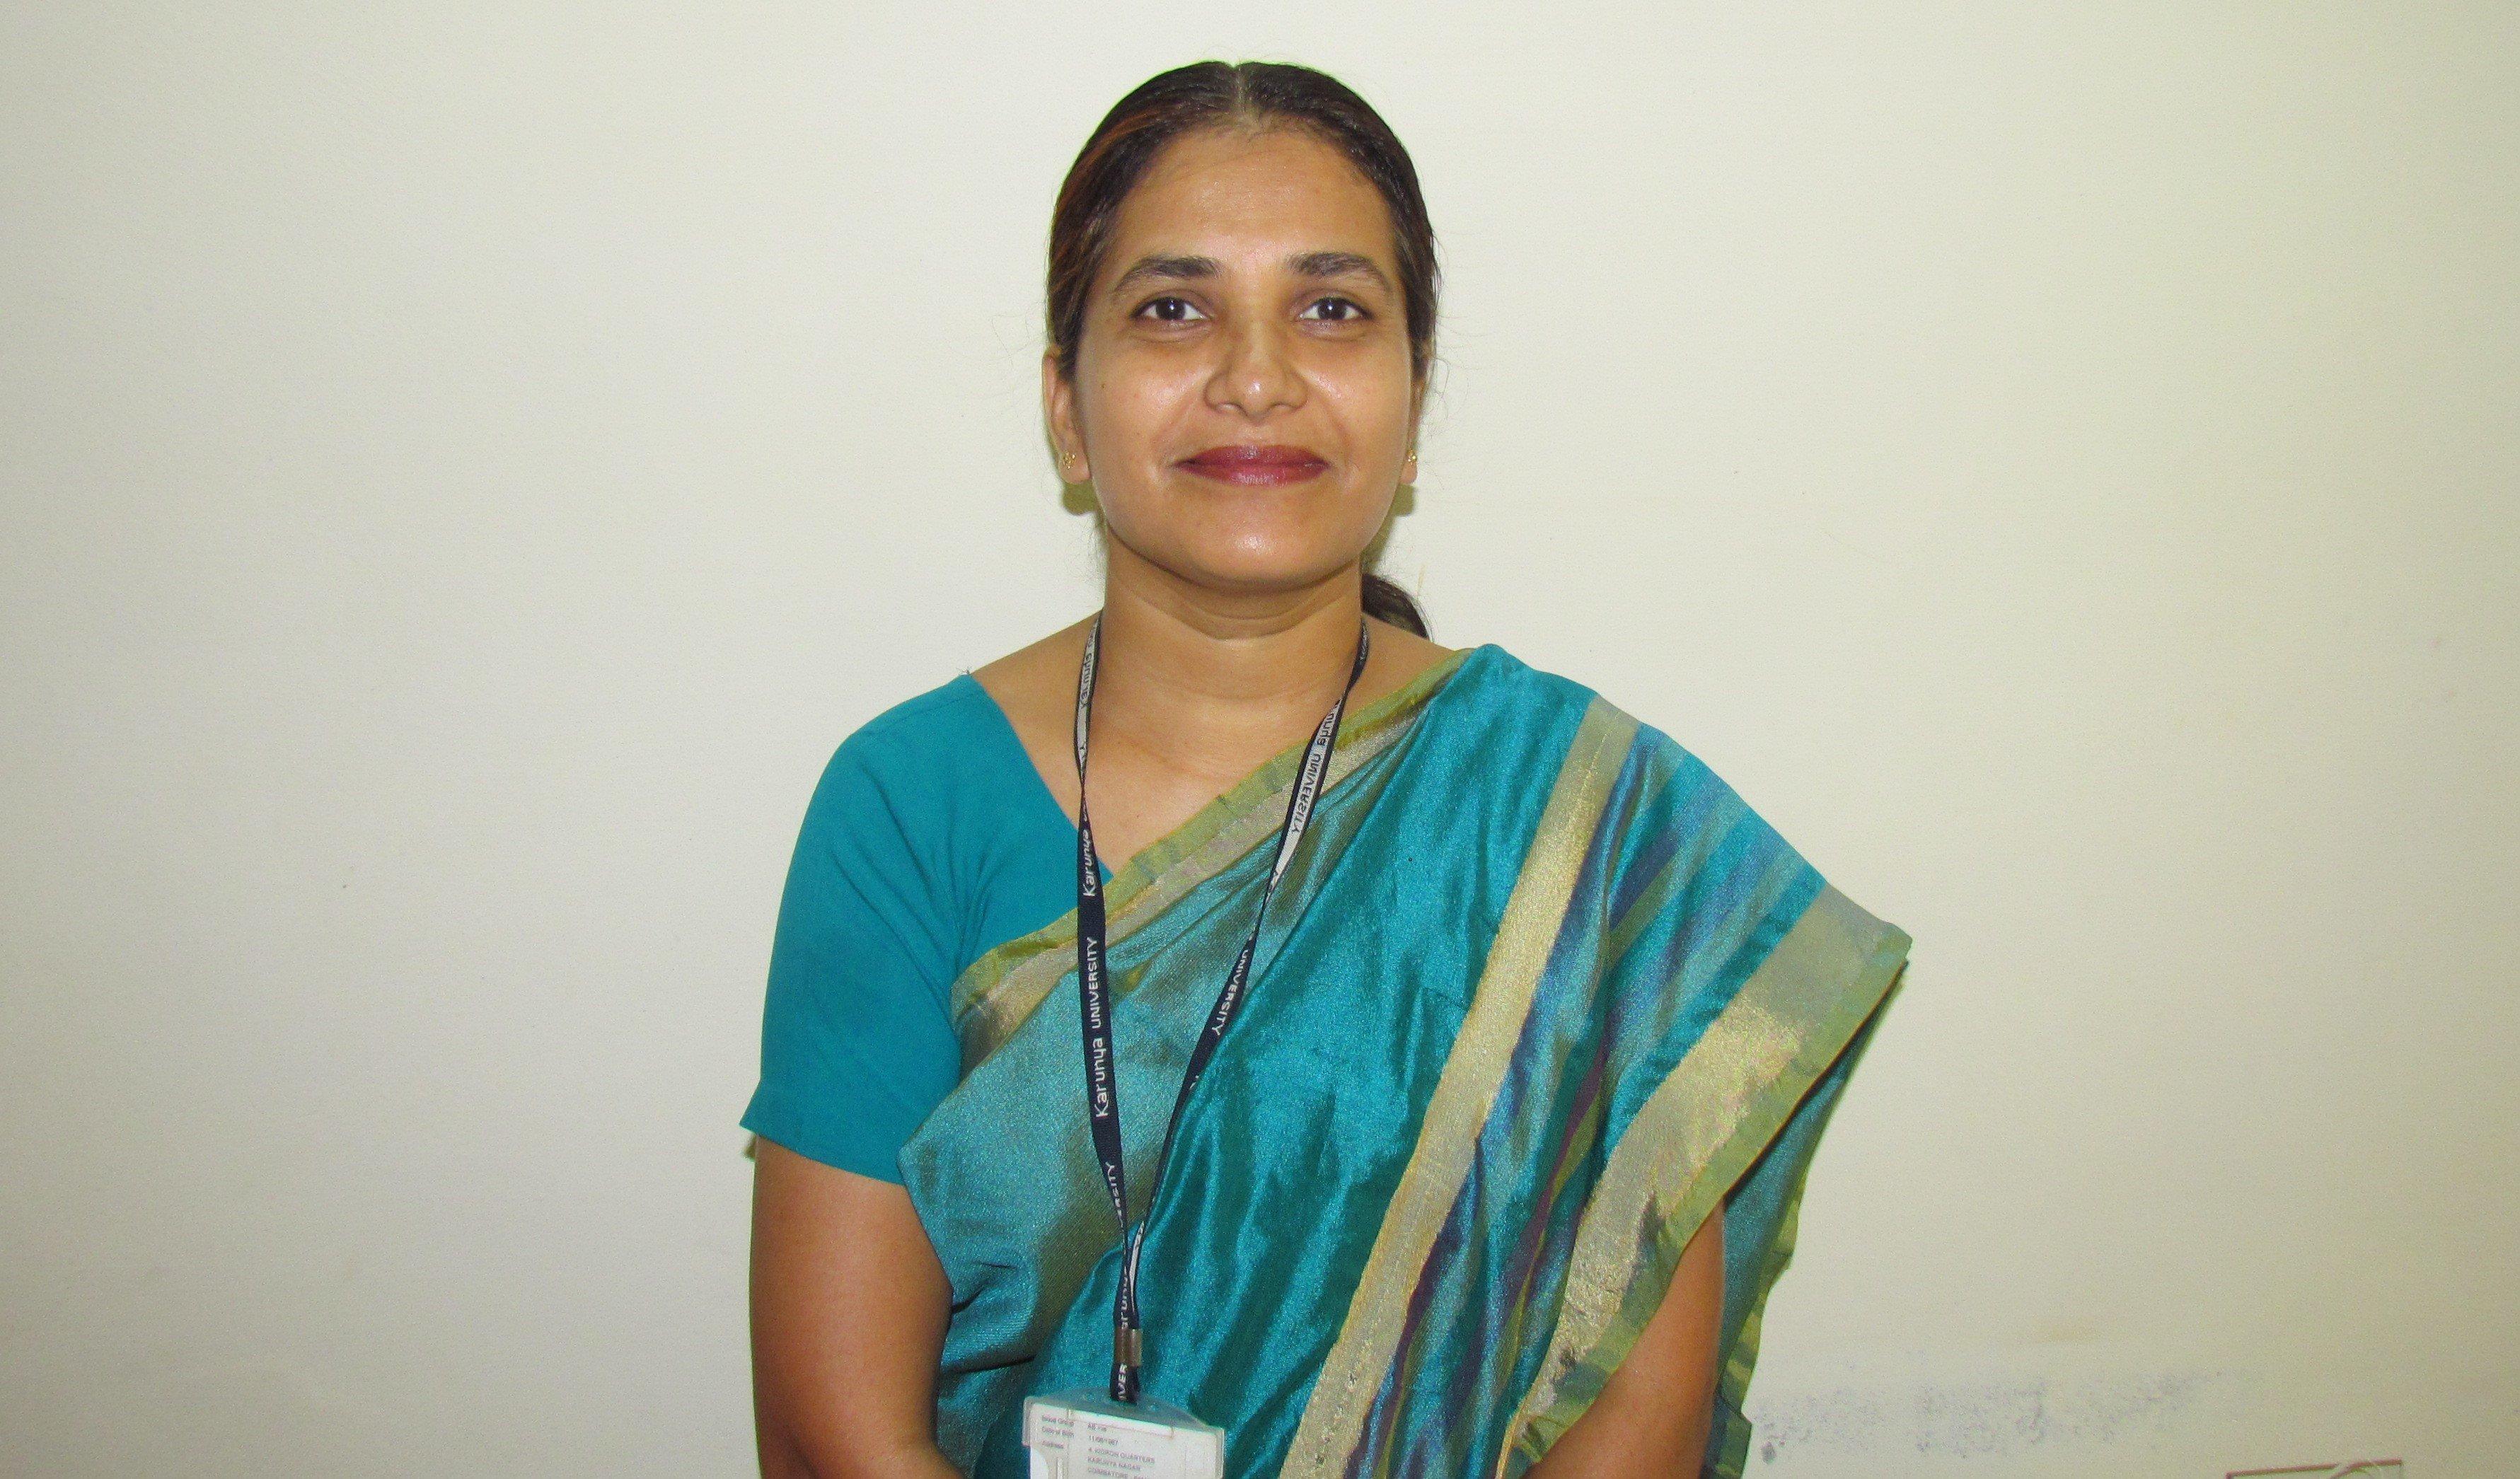 Após entregar-se a Jesus, indiana supera complexo de inferioridade e se torna doutora